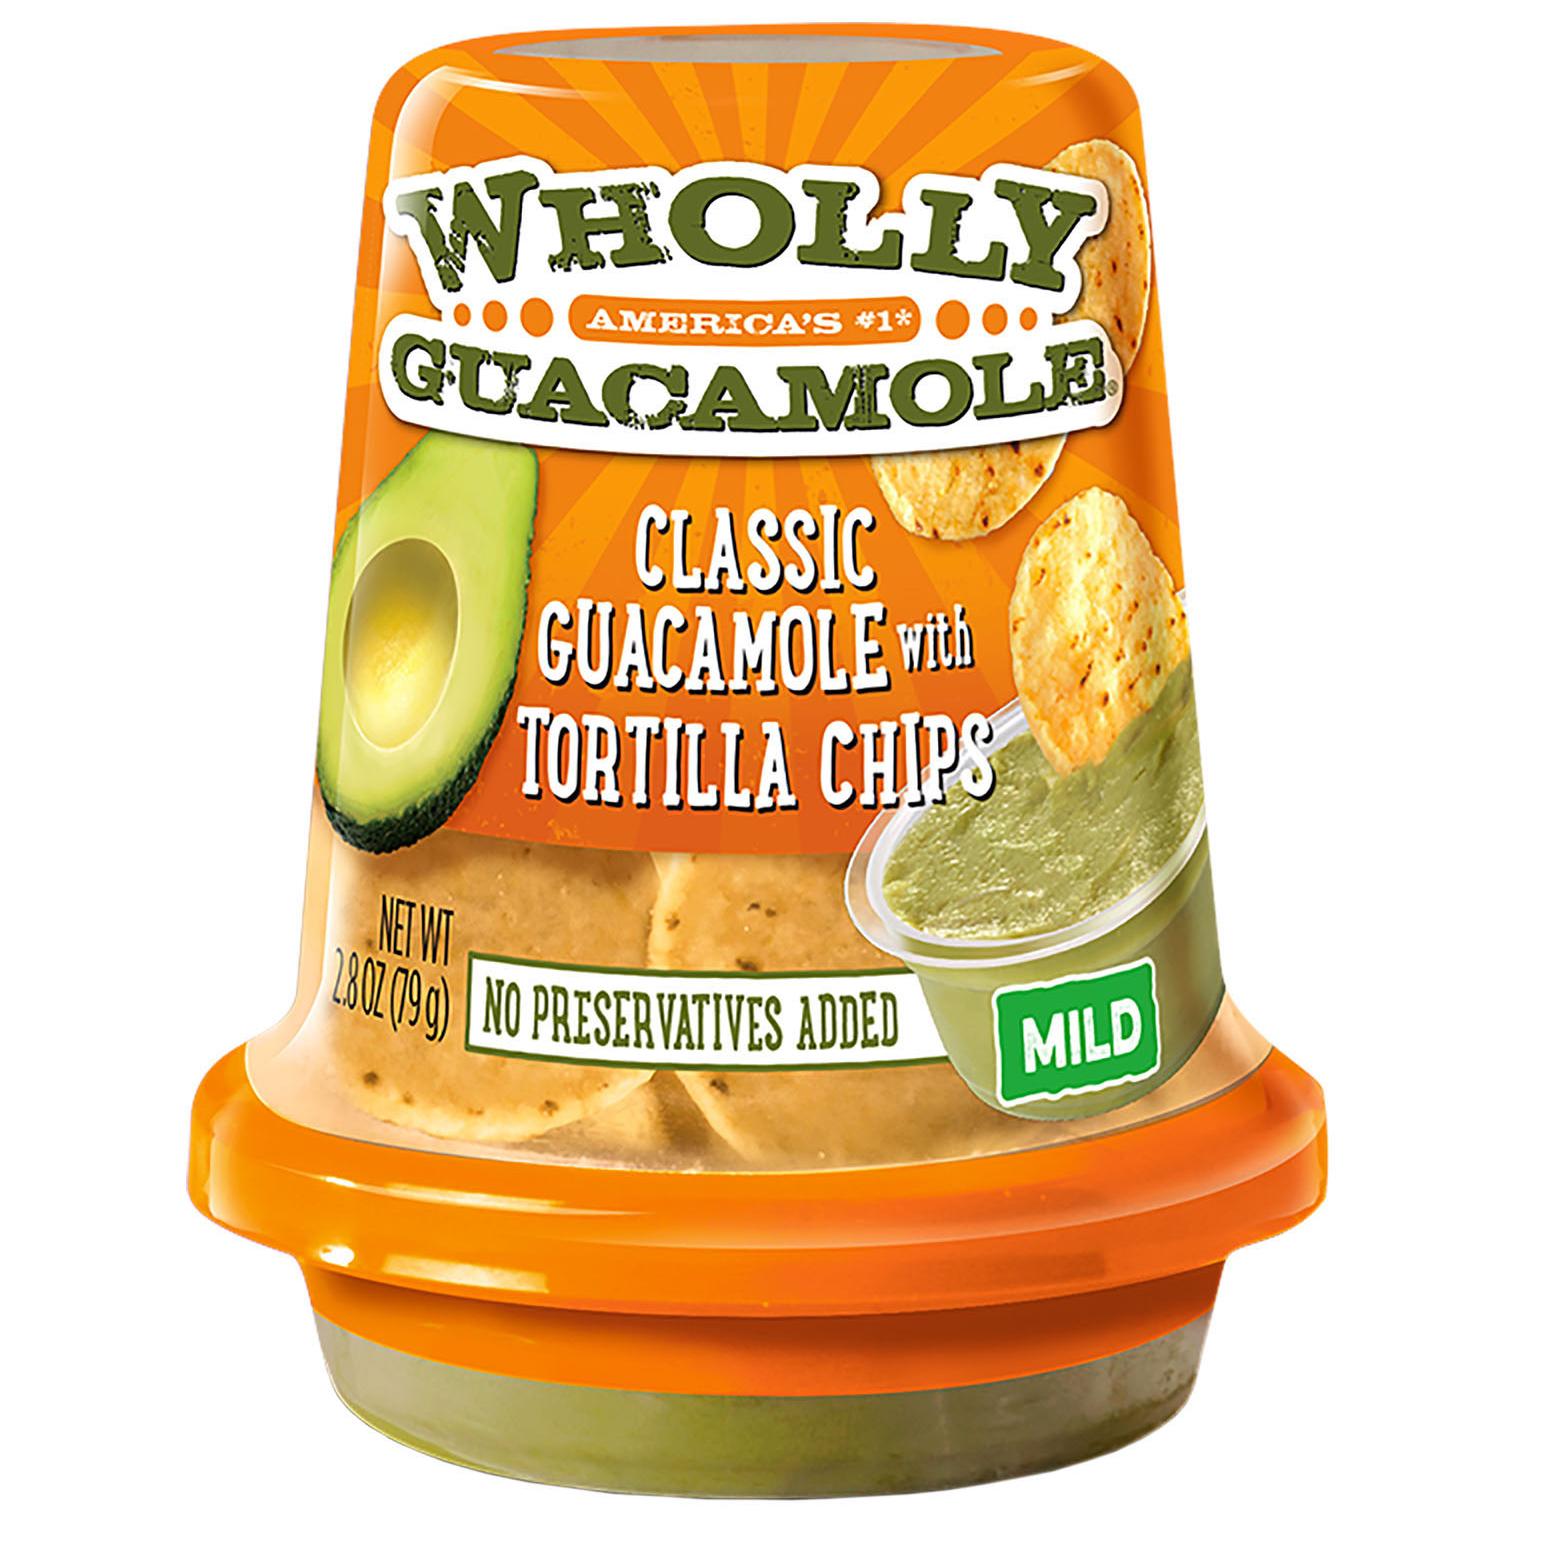 wholly guacamole snack cup